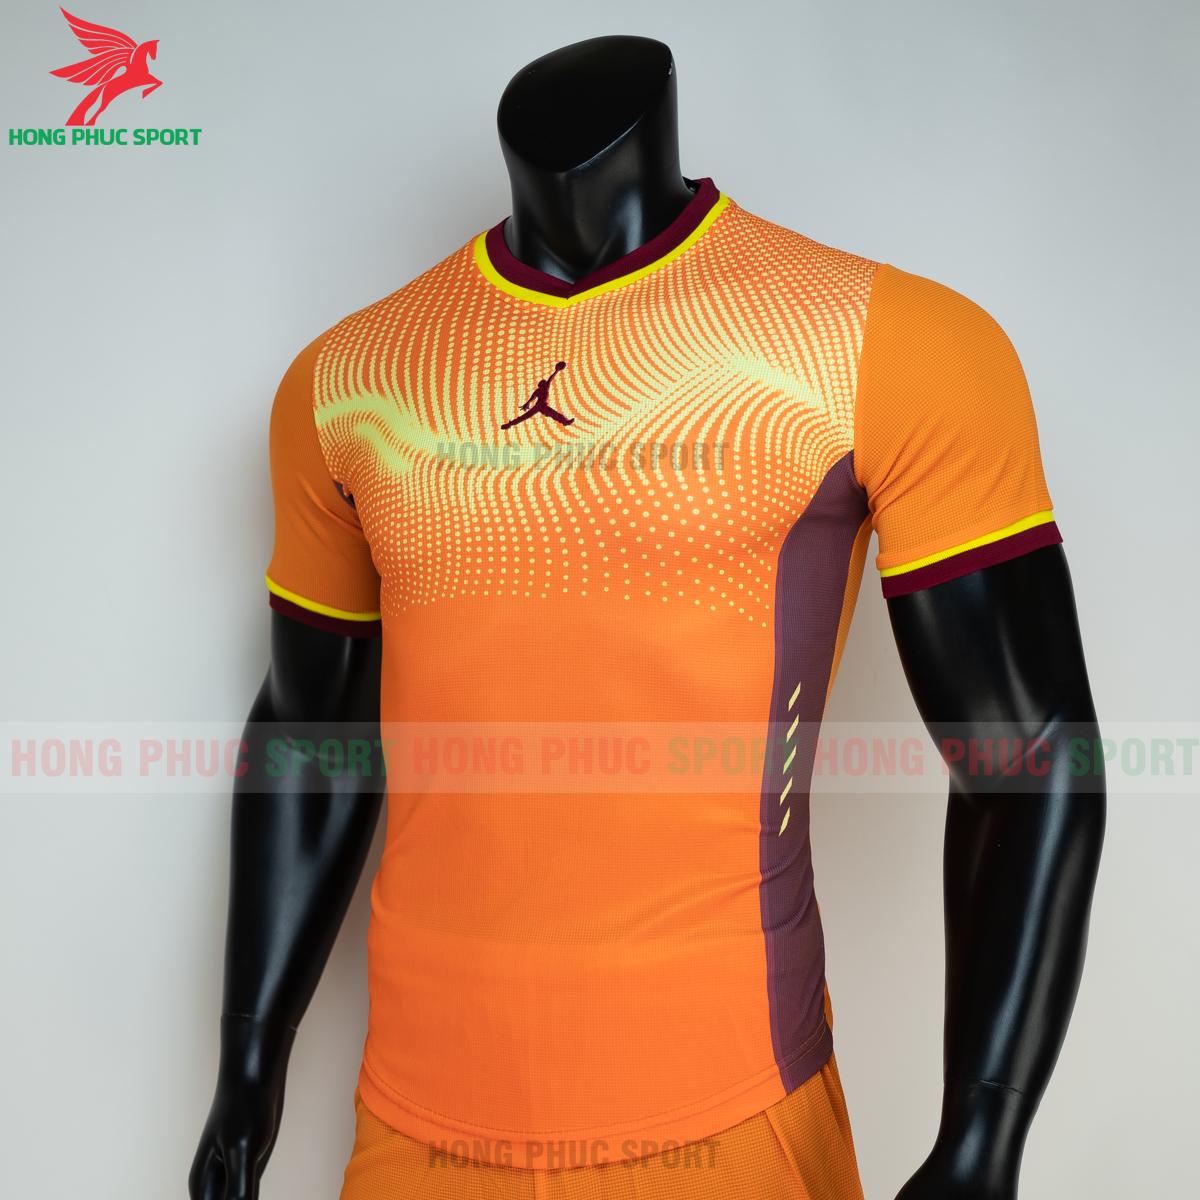 https://cdn.hongphucsport.com/unsafe/s4.shopbay.vn/files/285/ao-bong-chuyen-khong-logo-jordan-wave-mau-cam-2-2-60501f32e81da.png